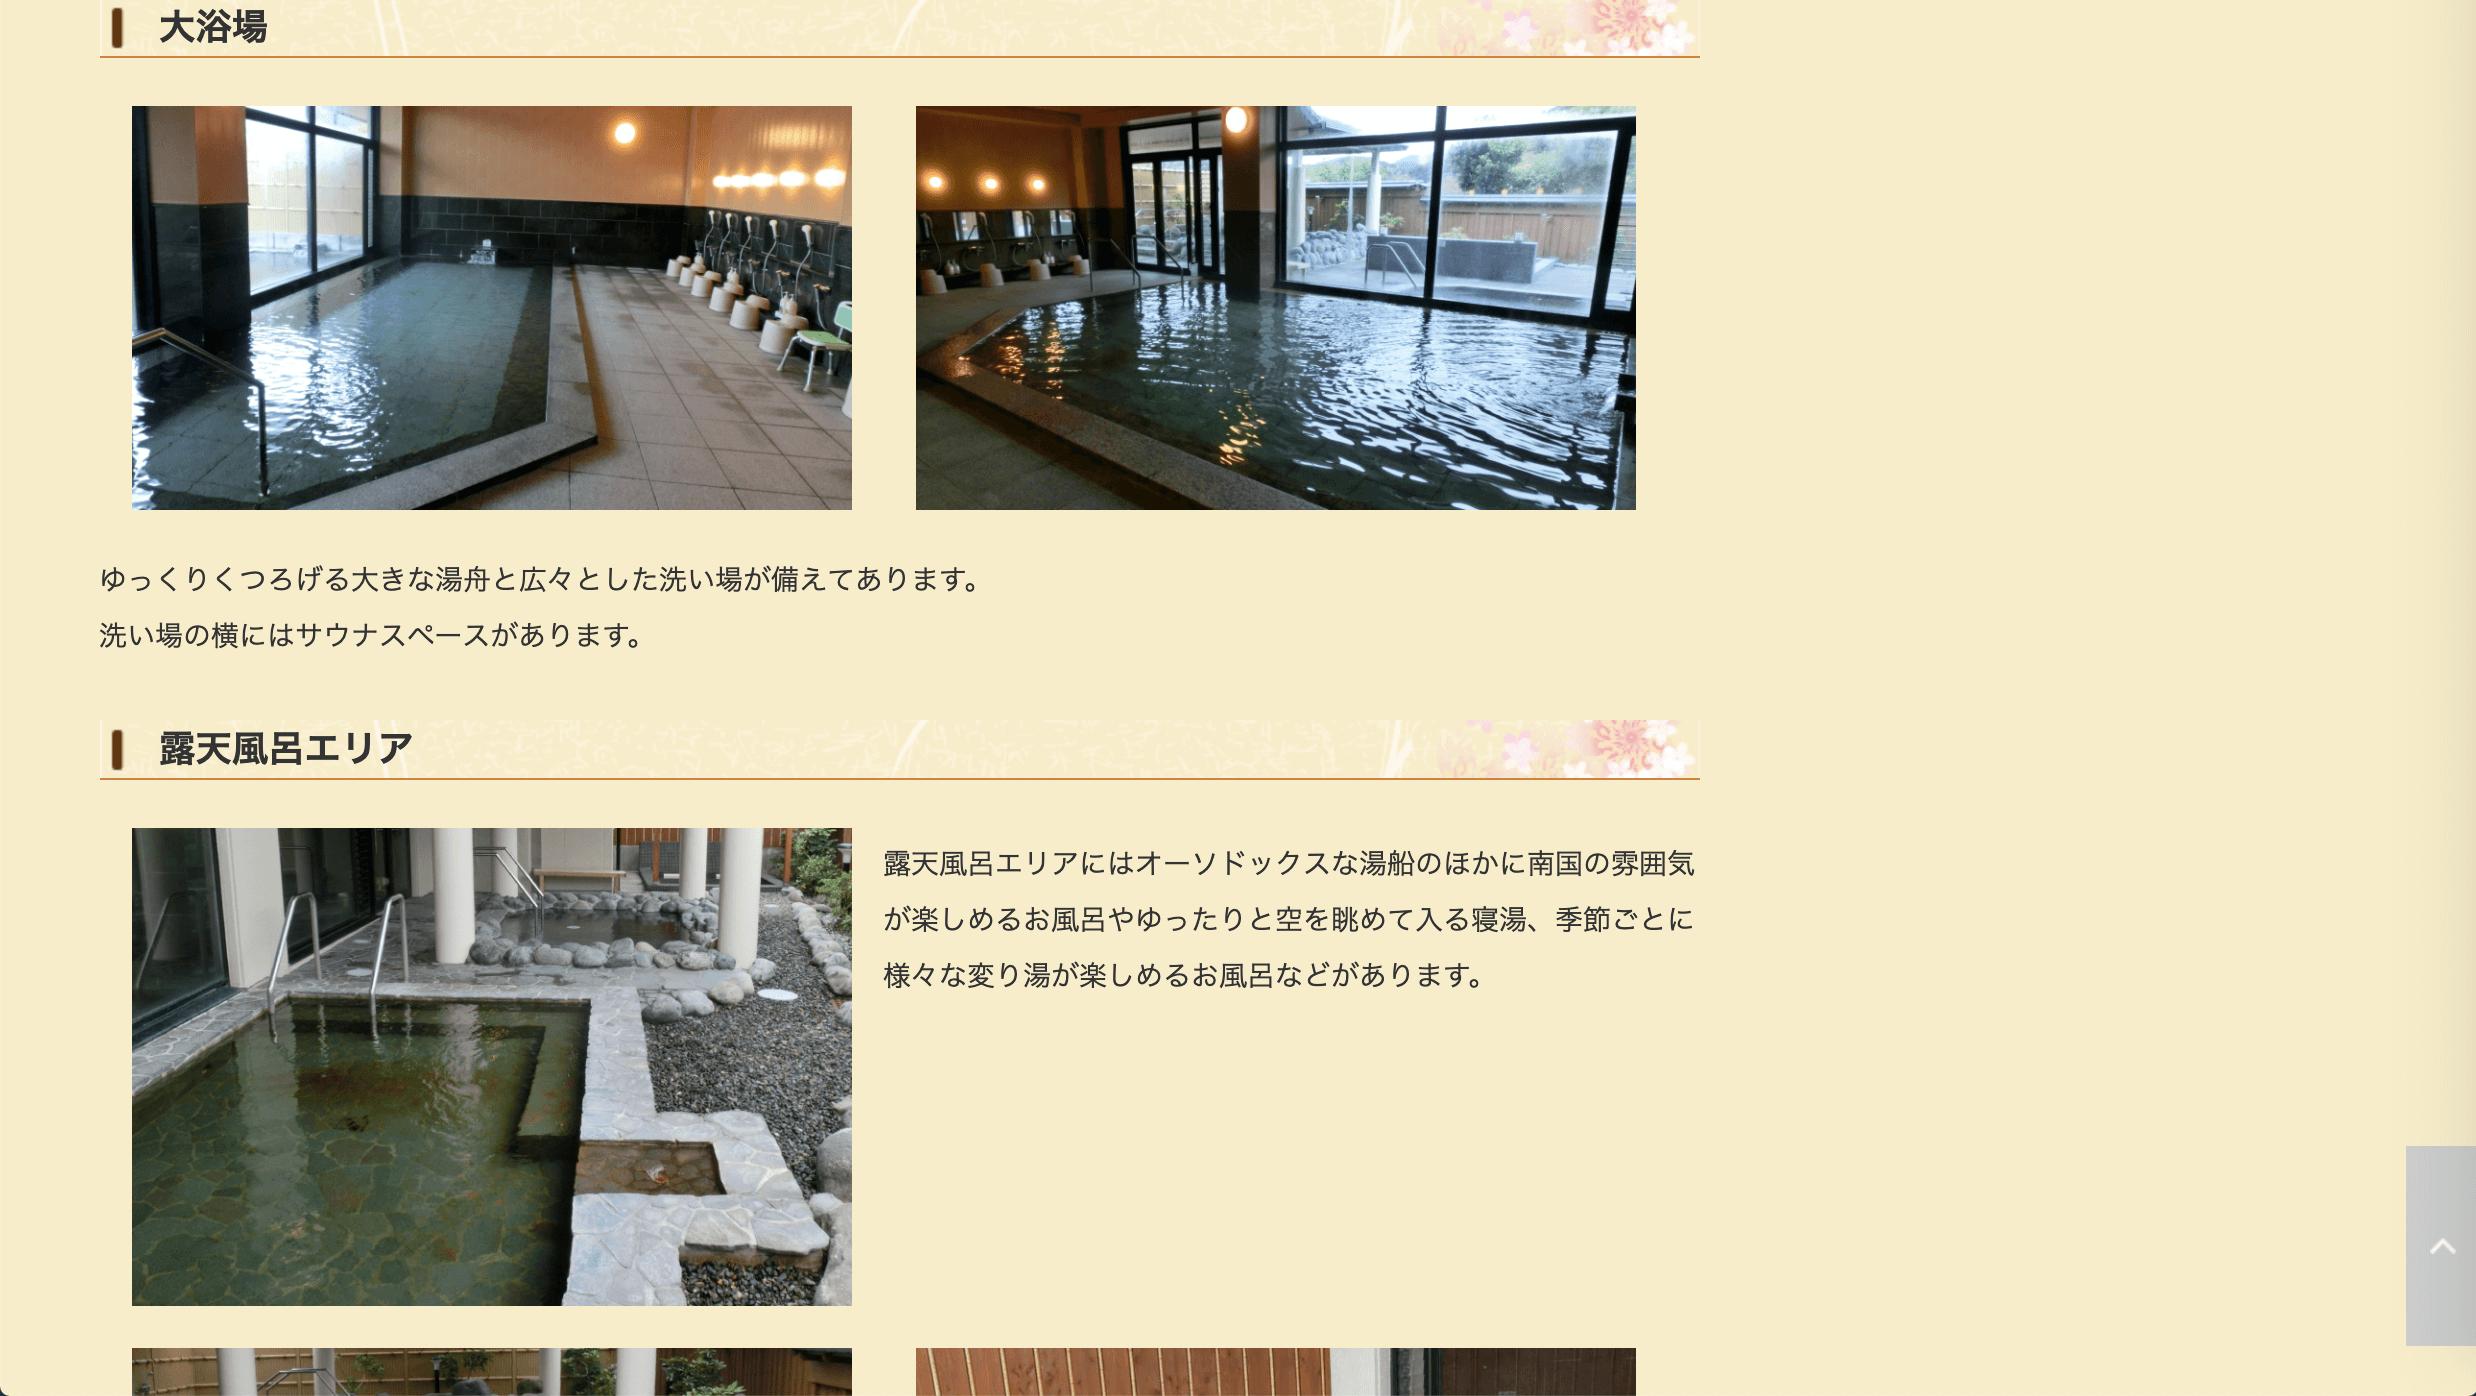 銀の湯会館の温泉